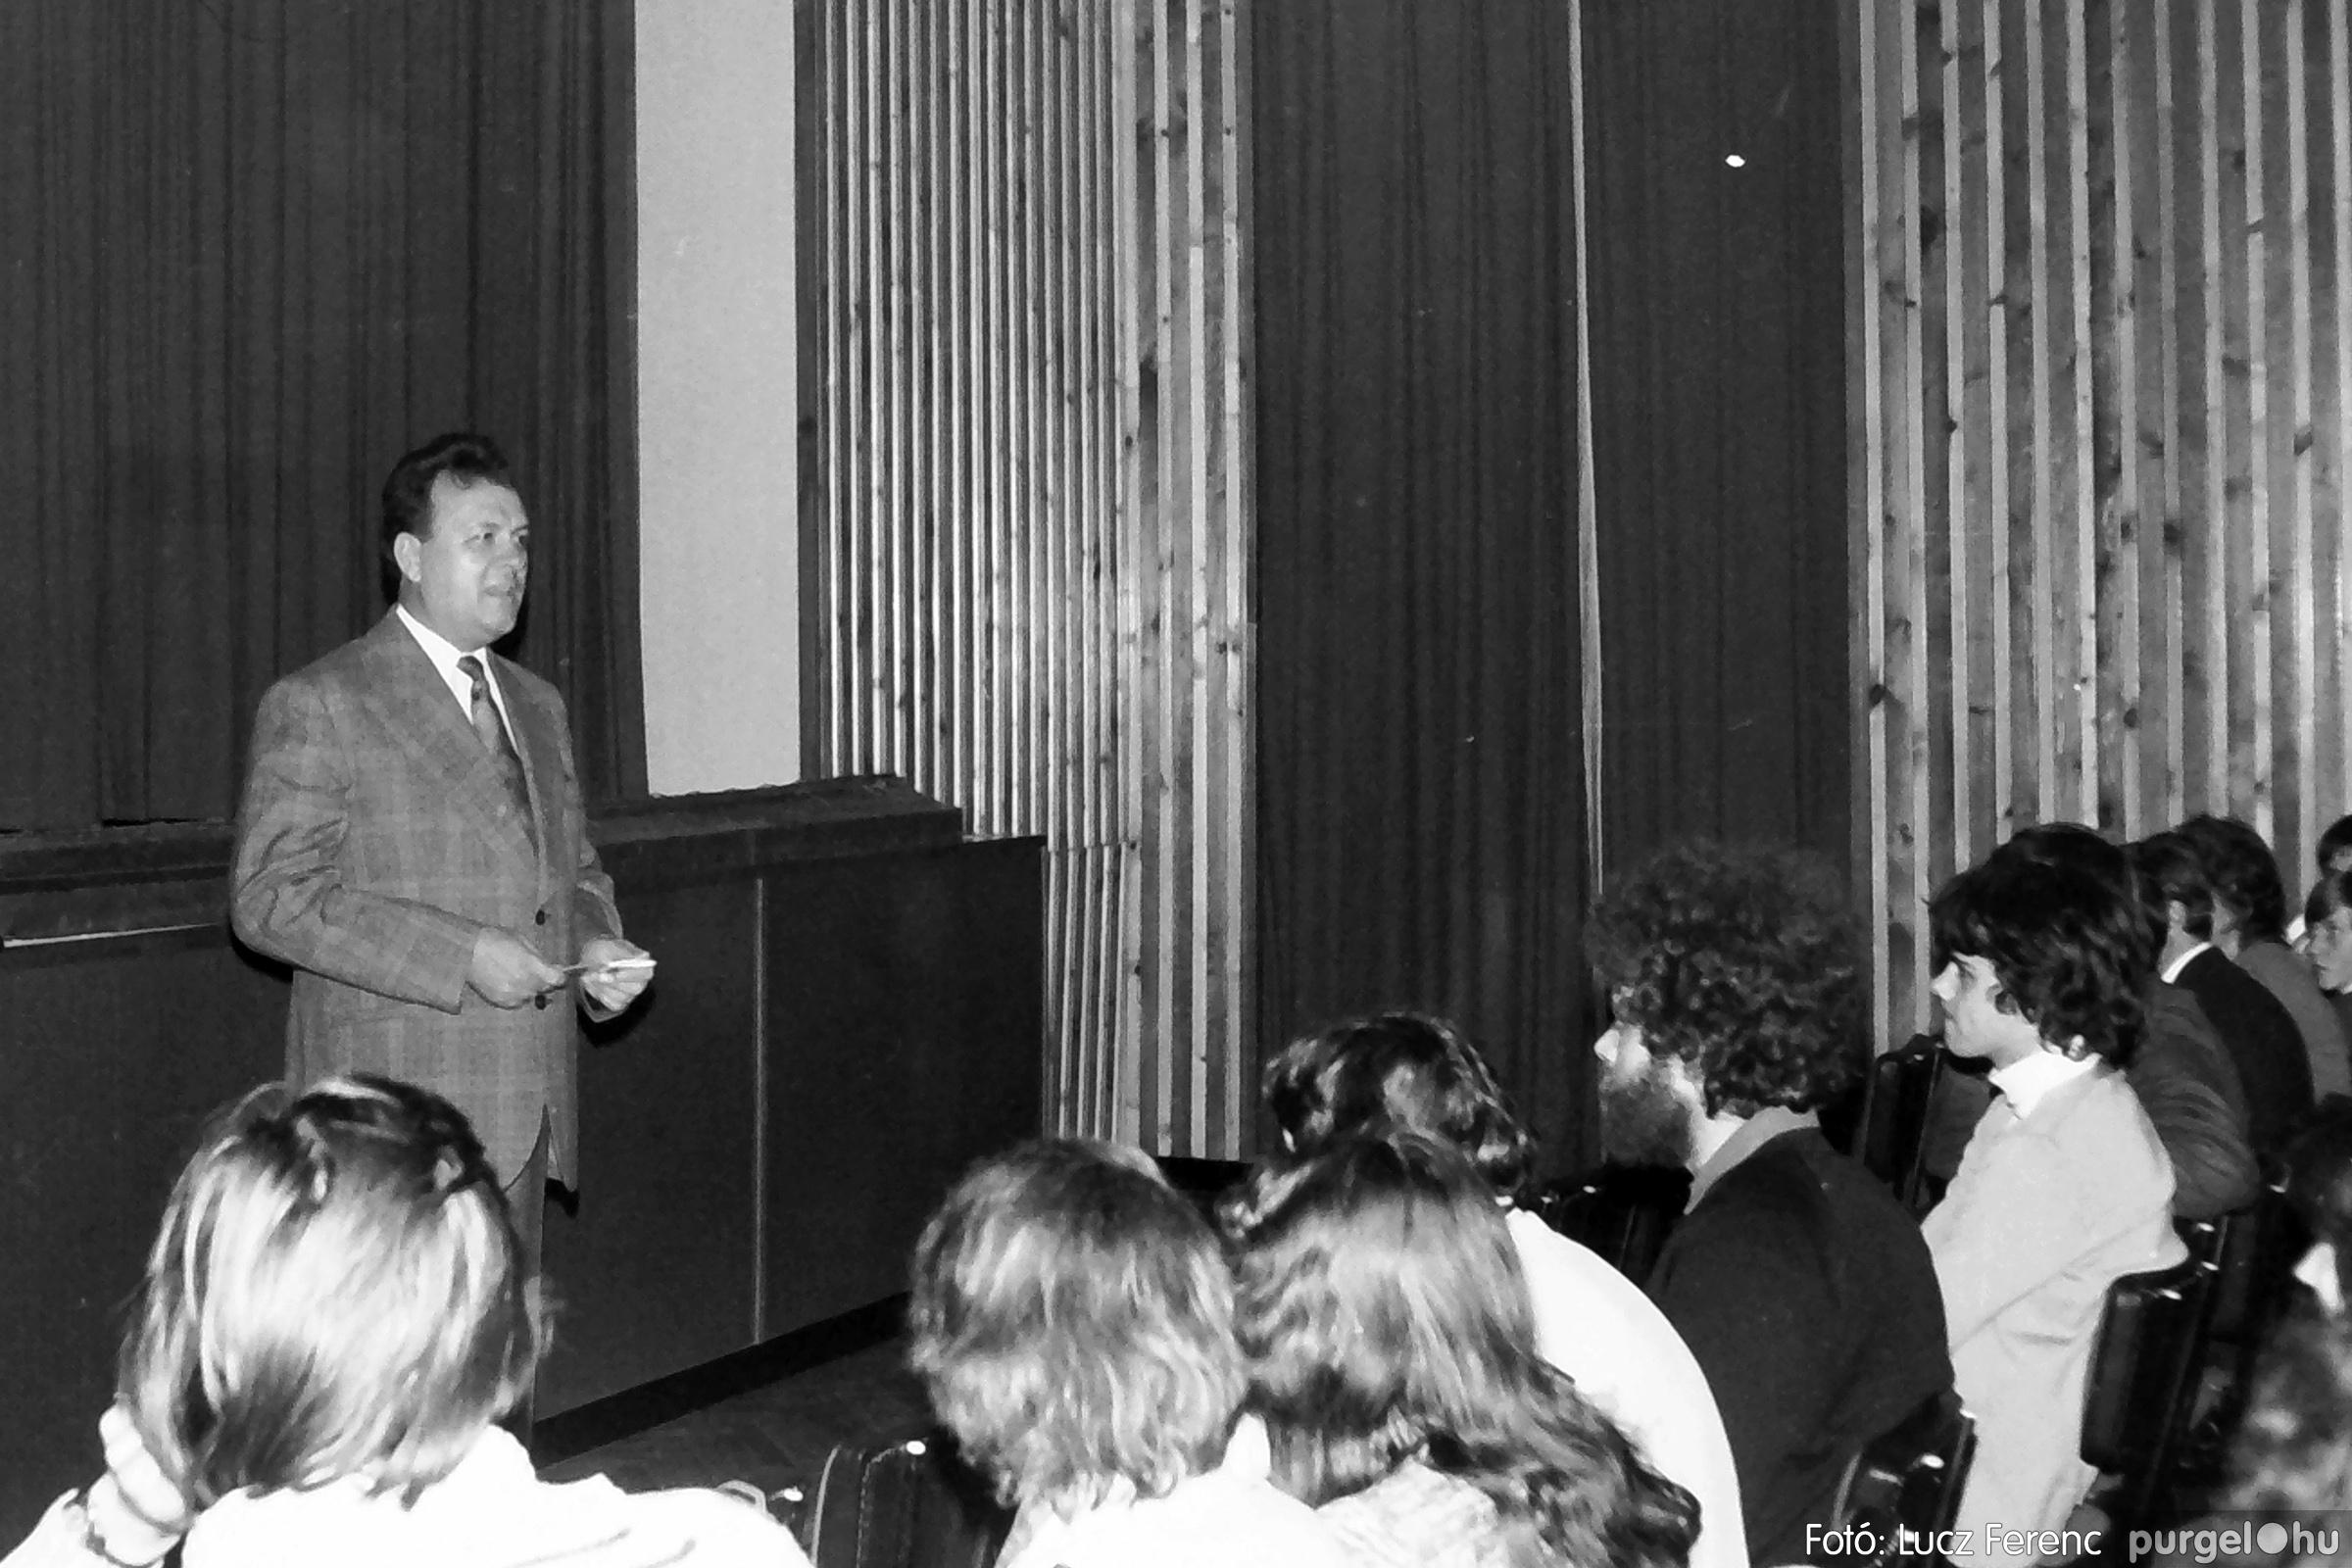 066-067. 1976. A Herkulesfürdői emlék című film ősbemutatója Szegváron 001. - Fotó: Lucz Ferenc.jpg